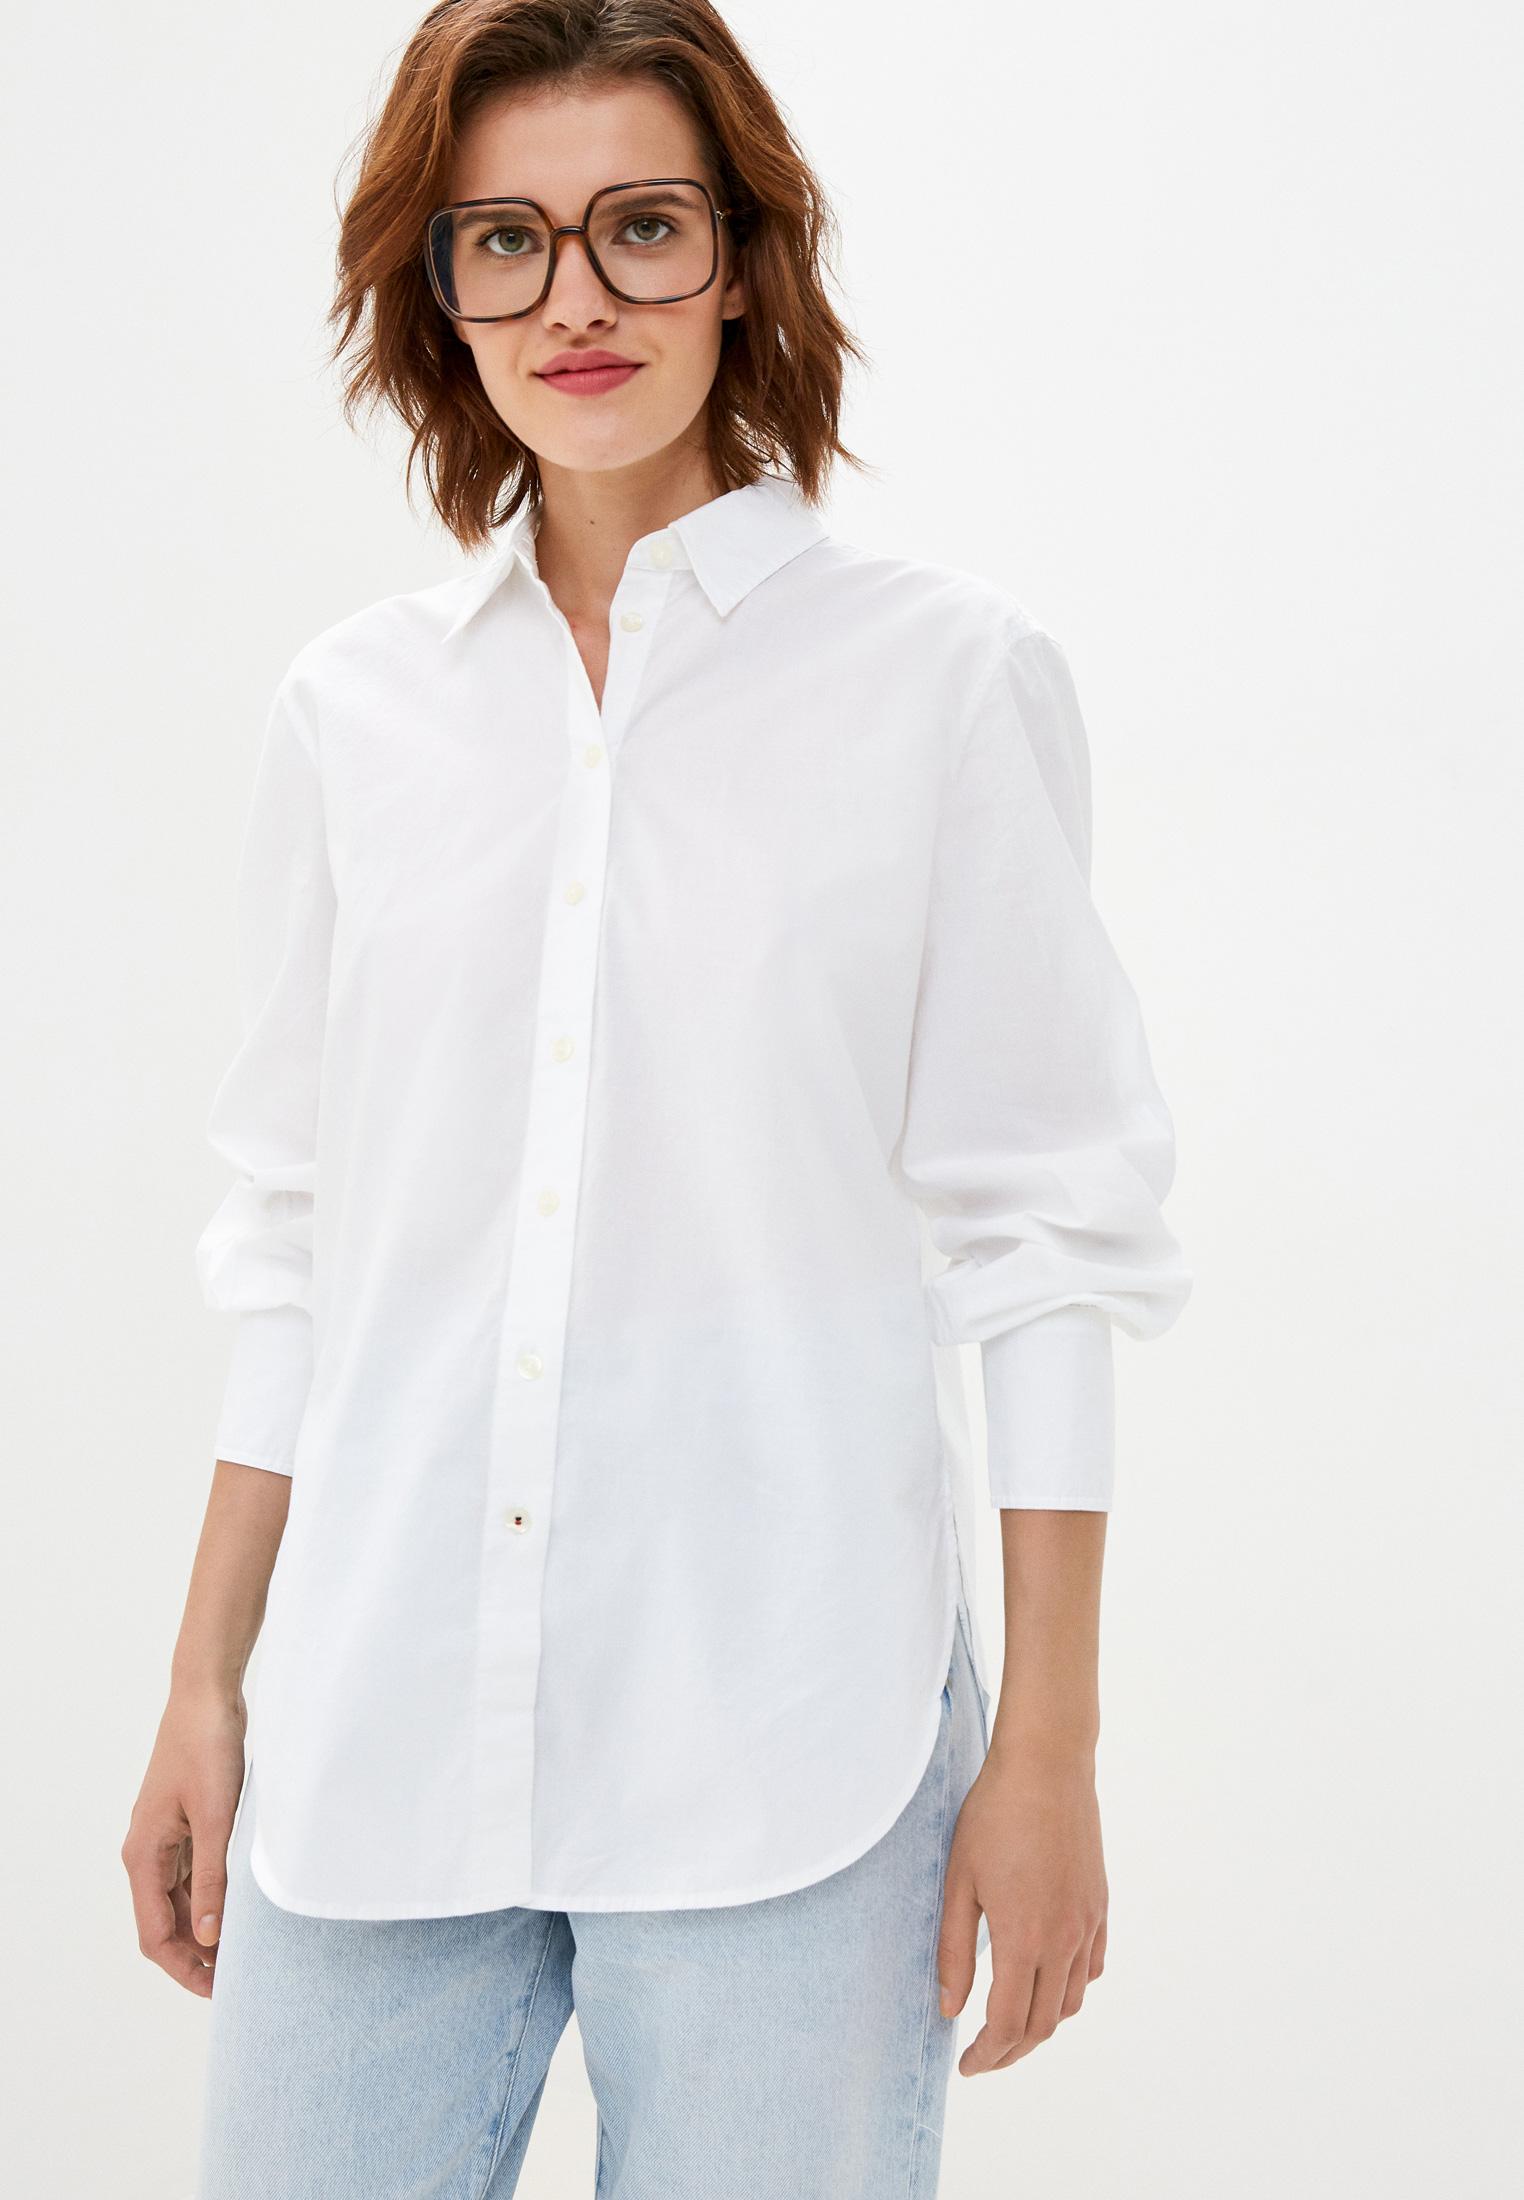 Женские рубашки с длинным рукавом Tommy Hilfiger (Томми Хилфигер) WW0WW28602